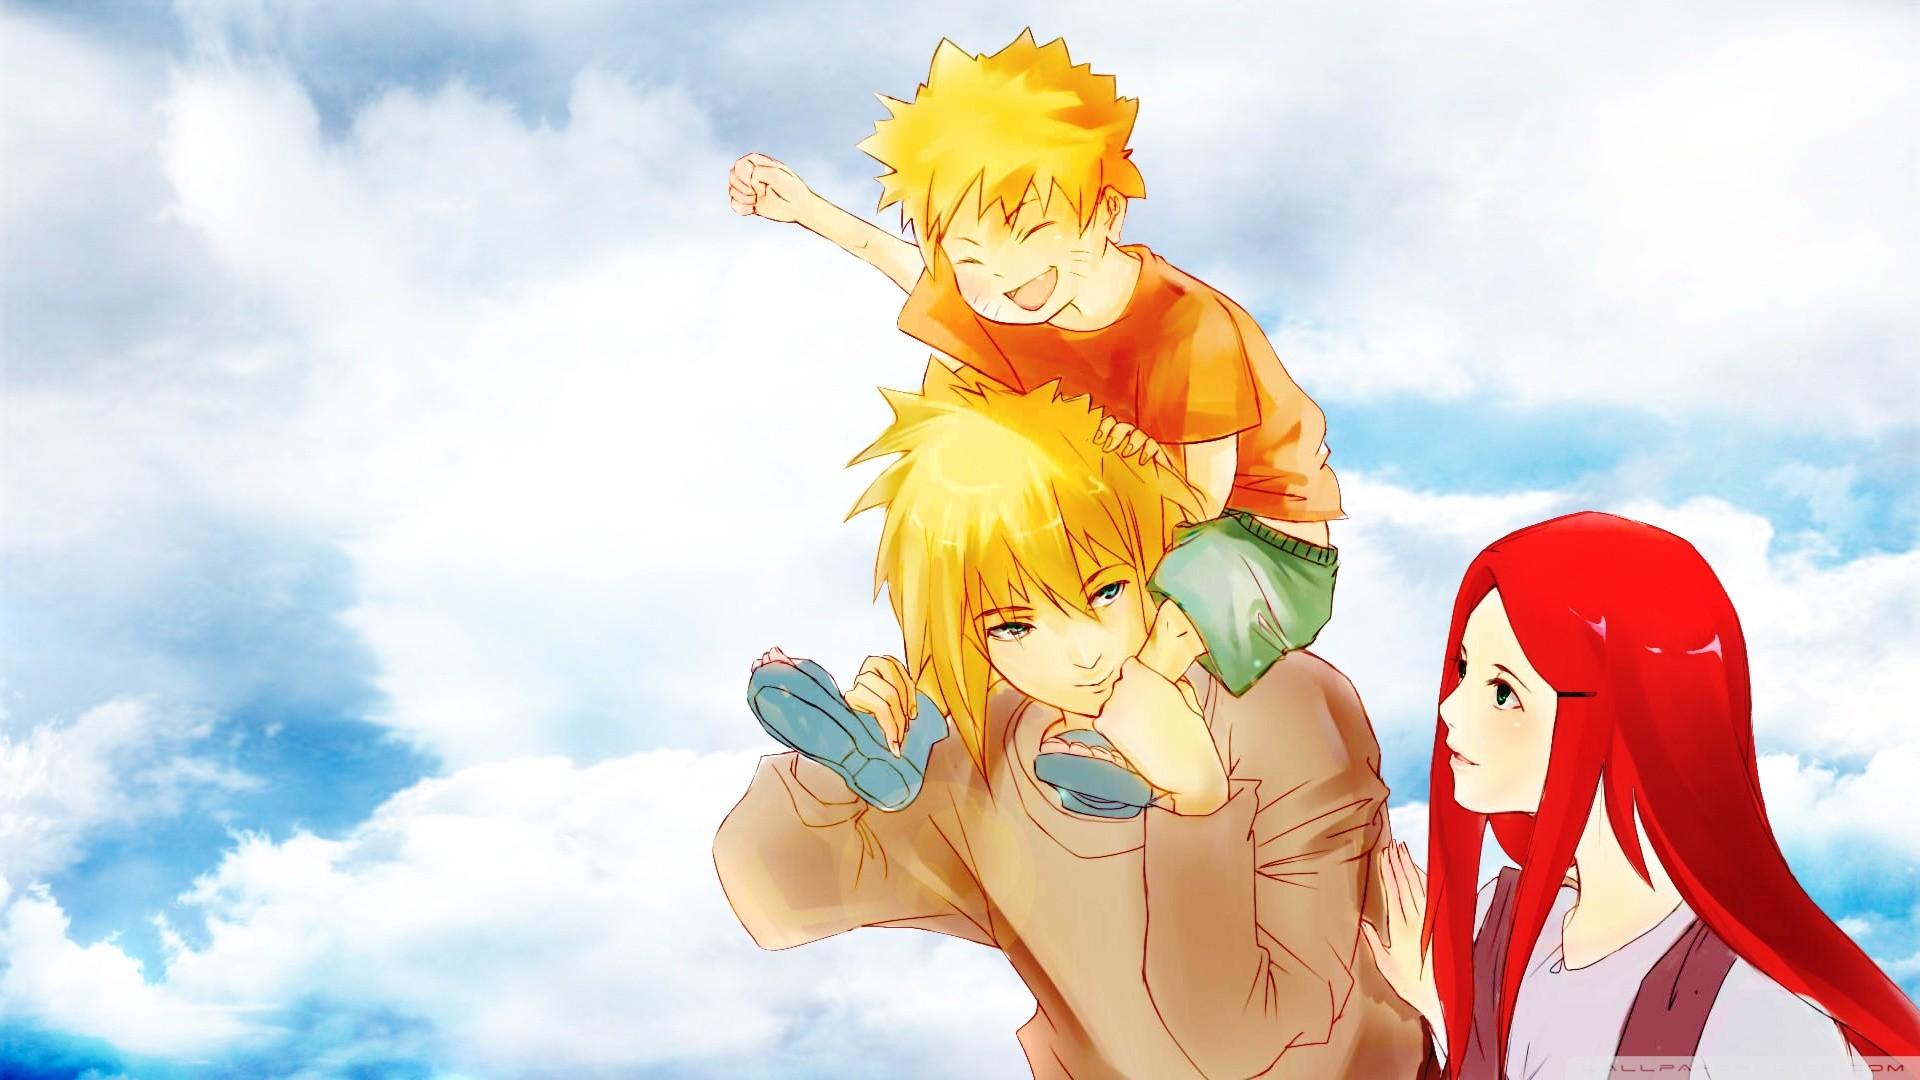 Anime Desktop Wallpaper 4k Naruto Gambarku